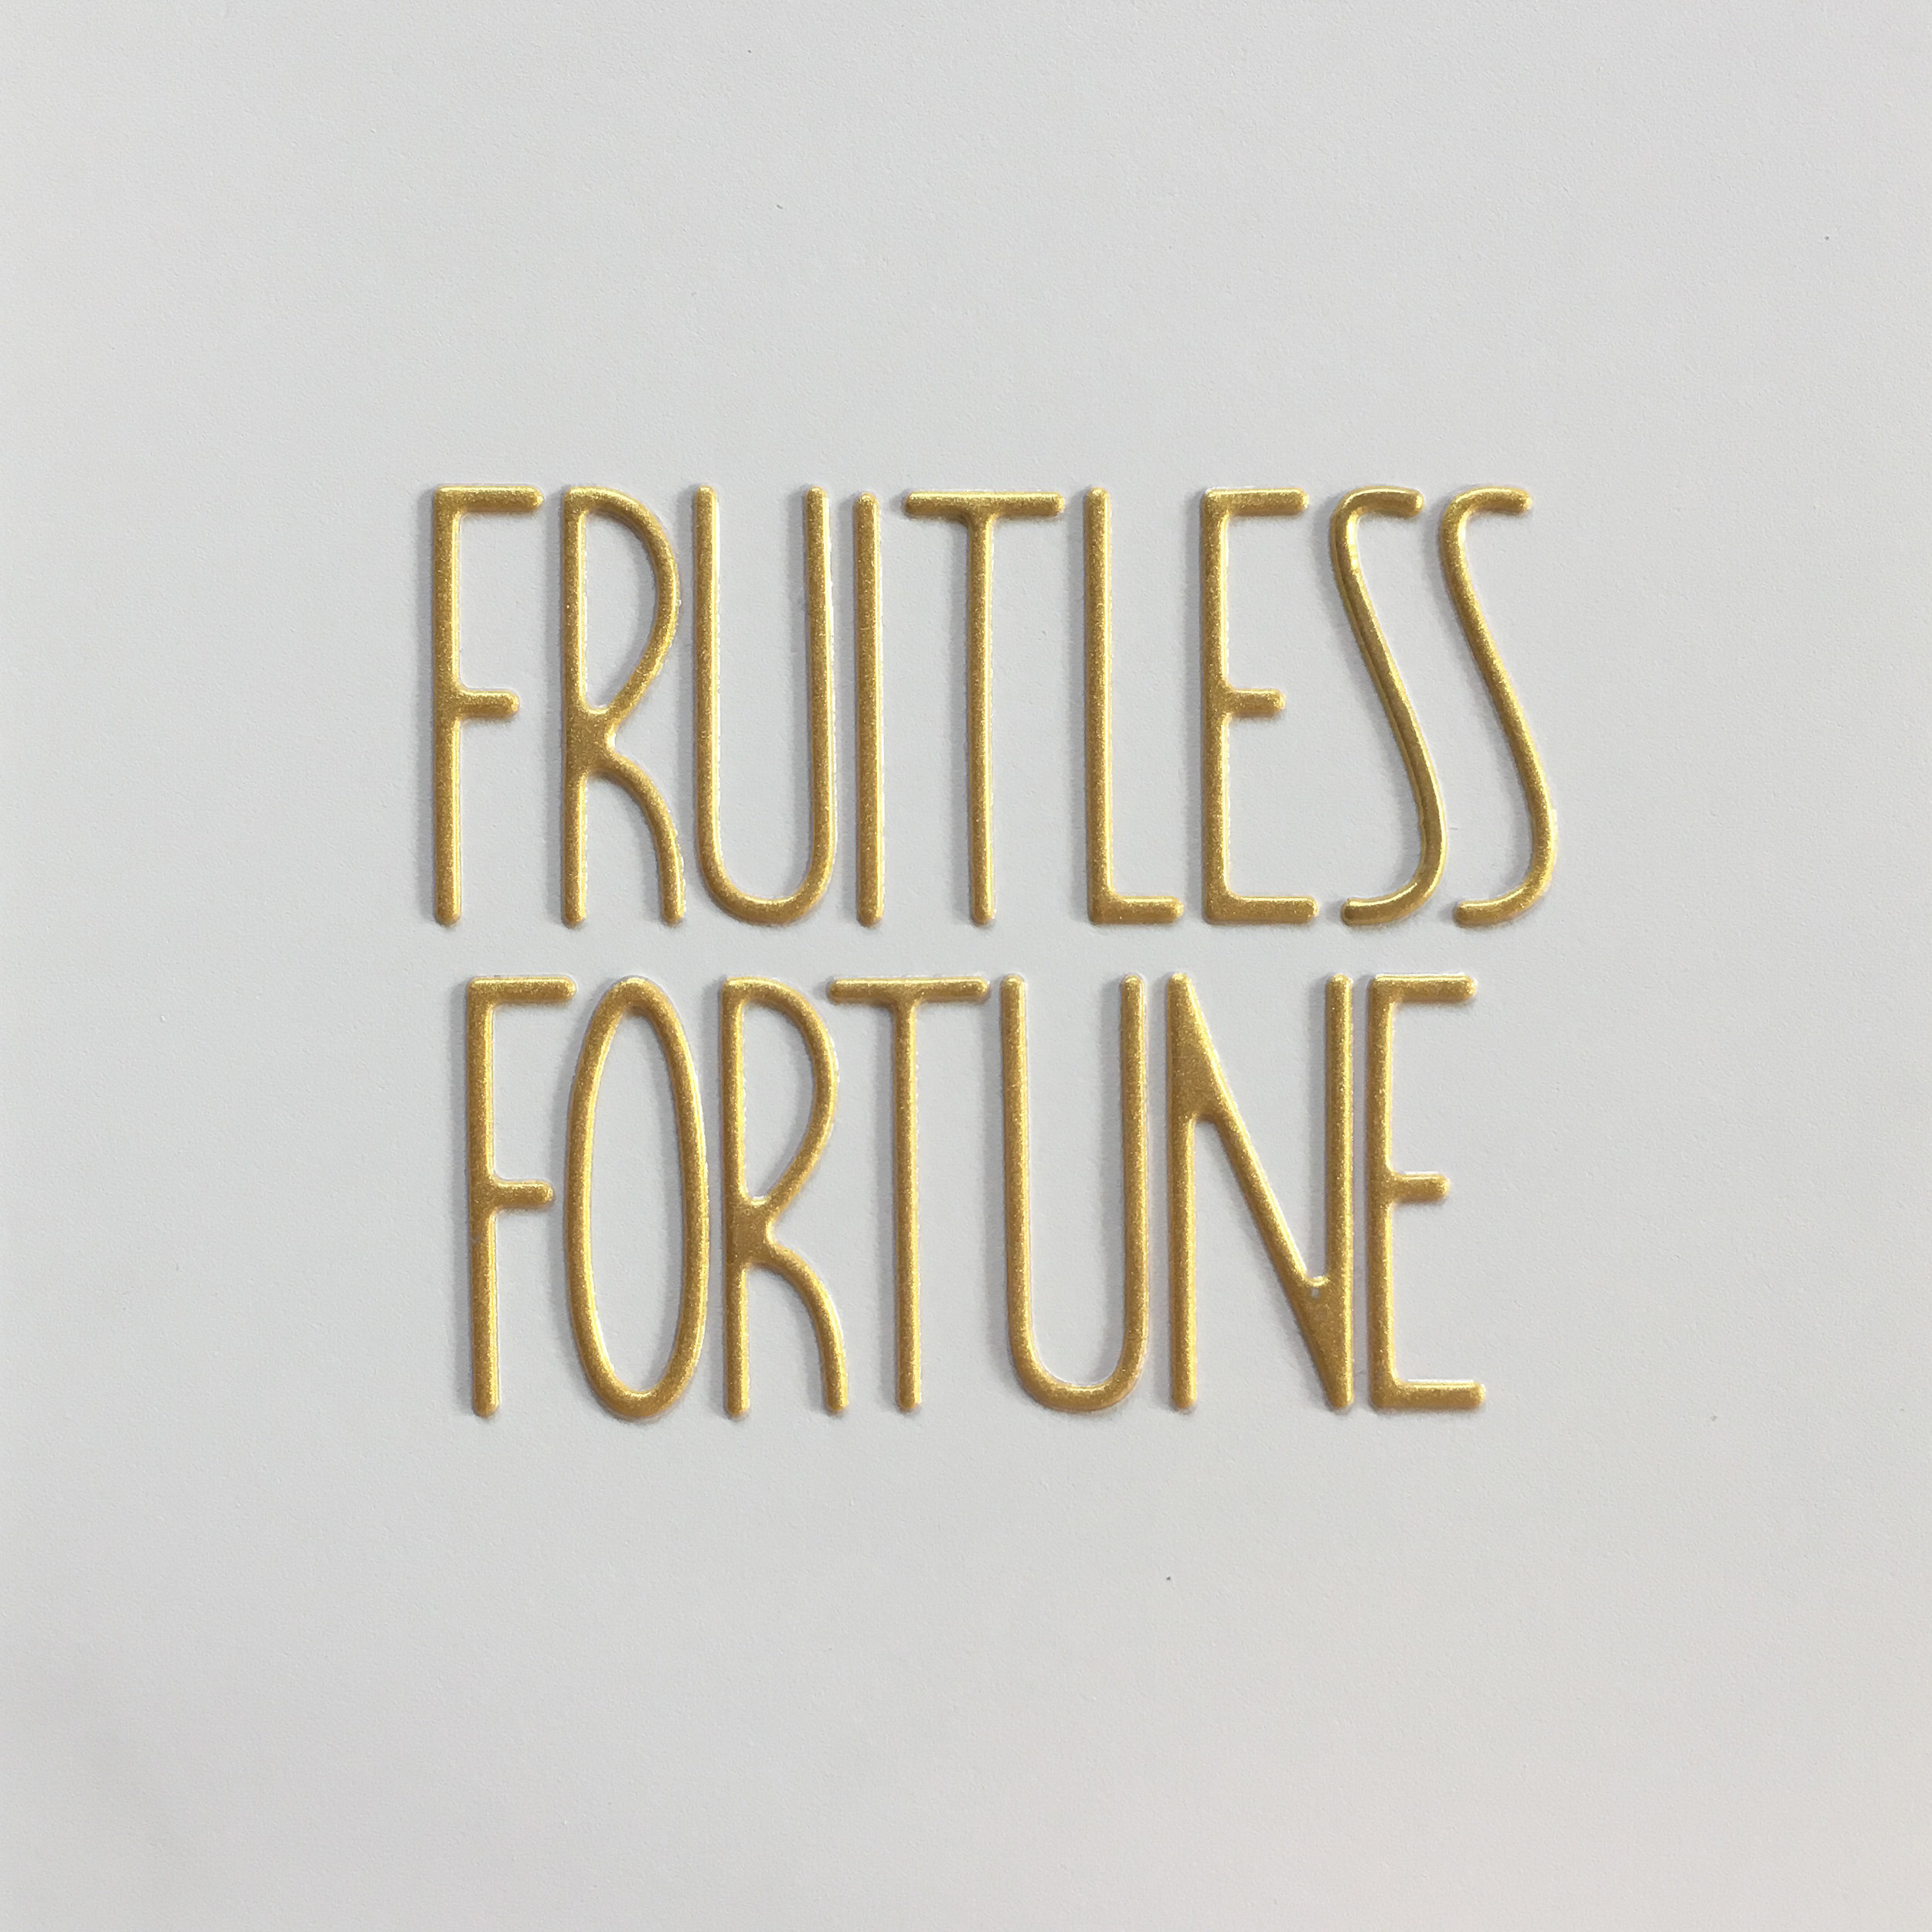 fruitless fortune.jpg